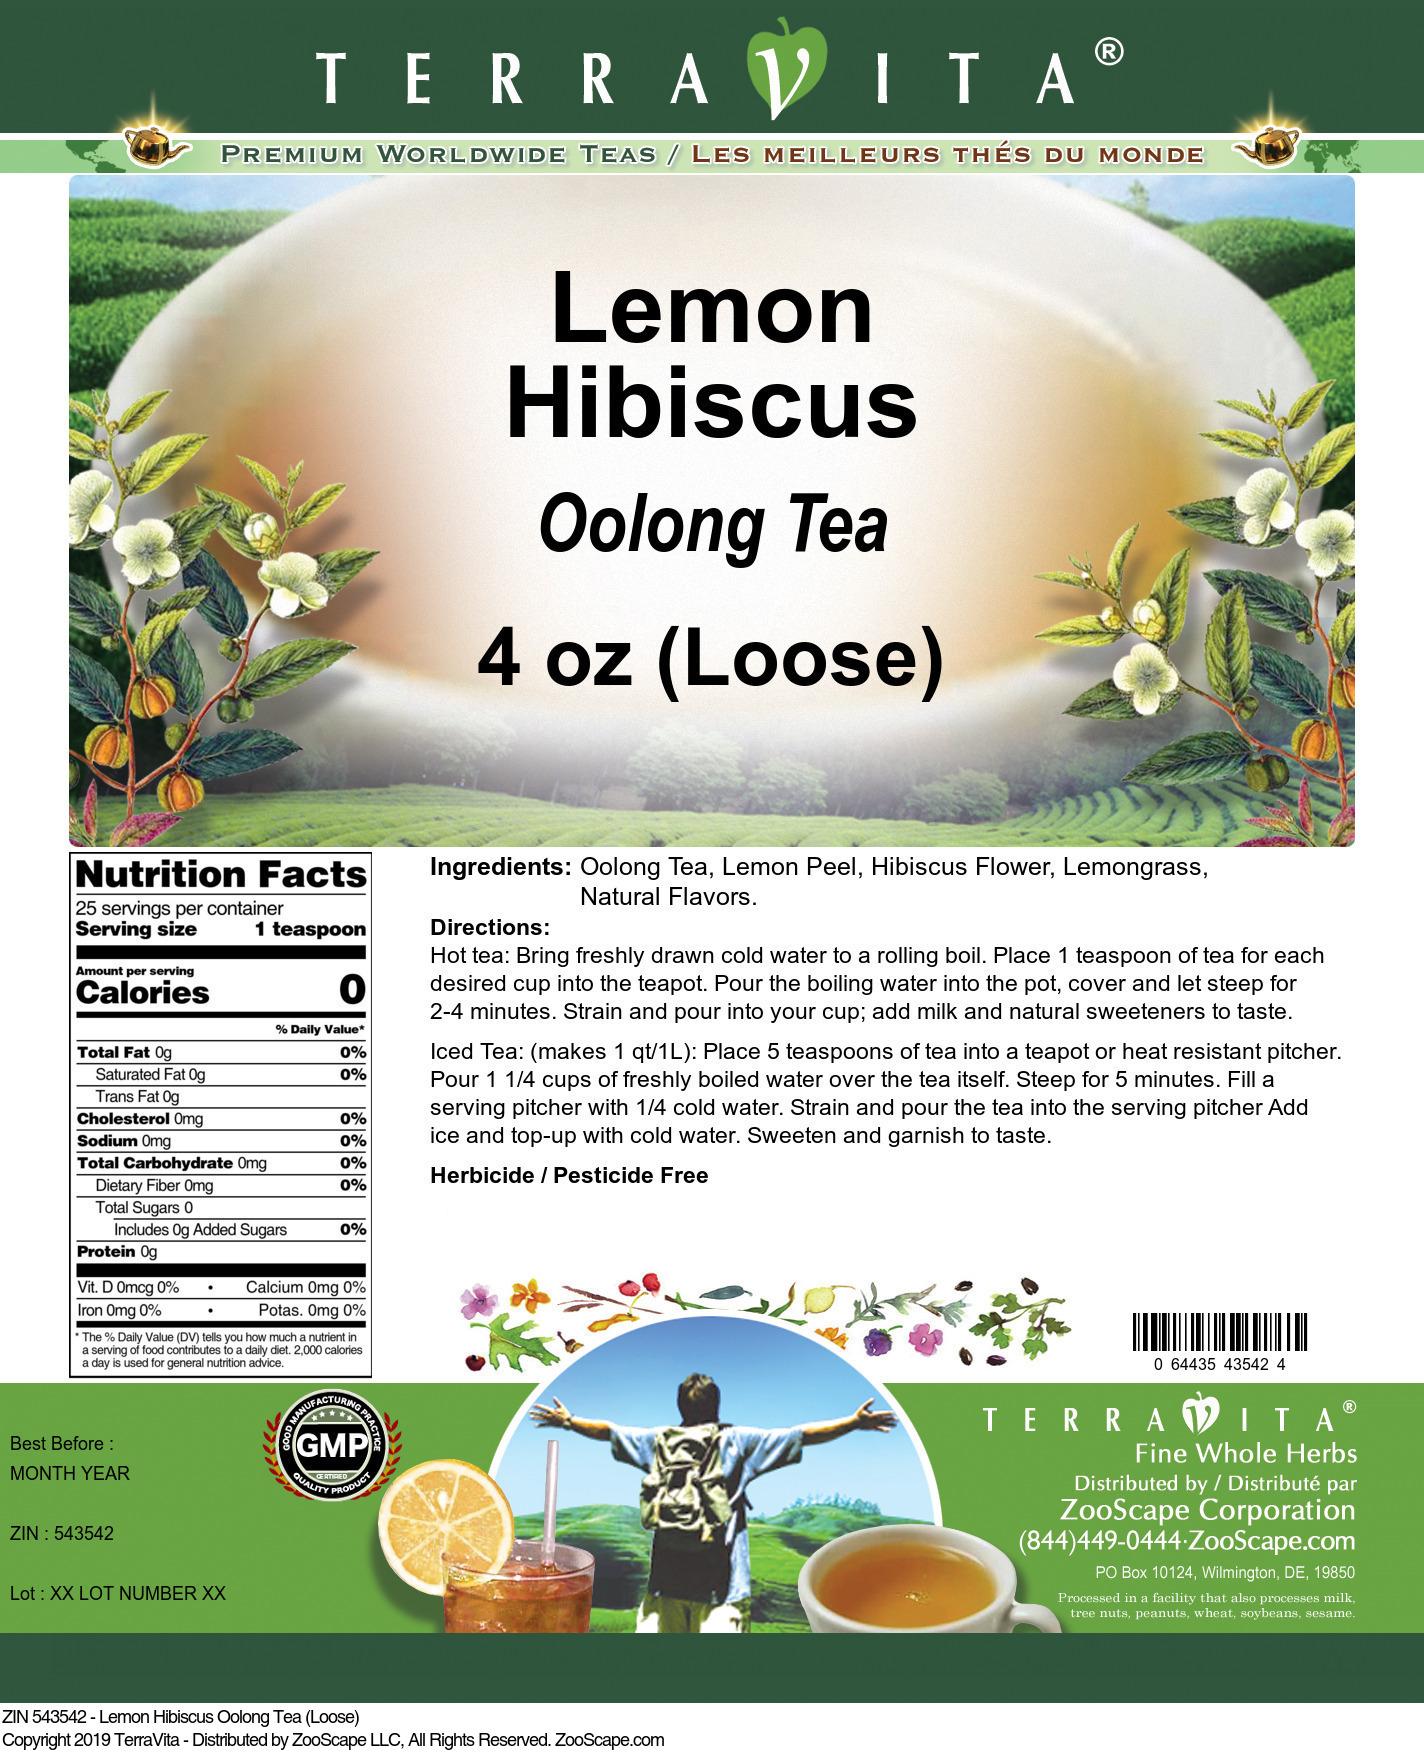 Lemon Hibiscus Oolong Tea (Loose)